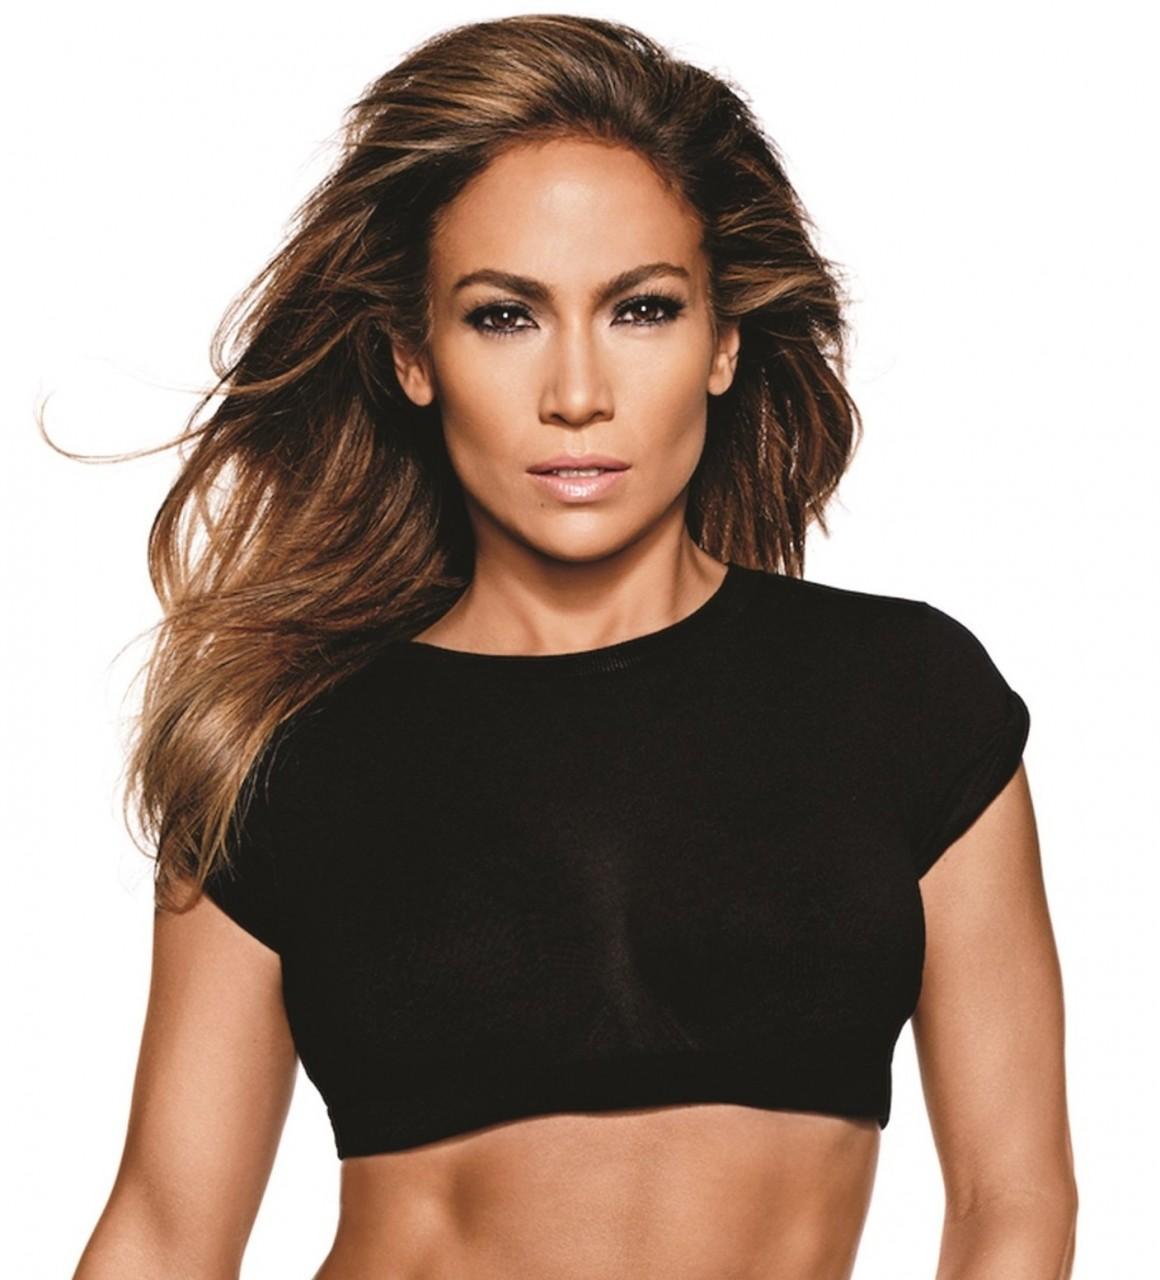 Nederlands Bodylab.nl strikt Jennifer Lopez